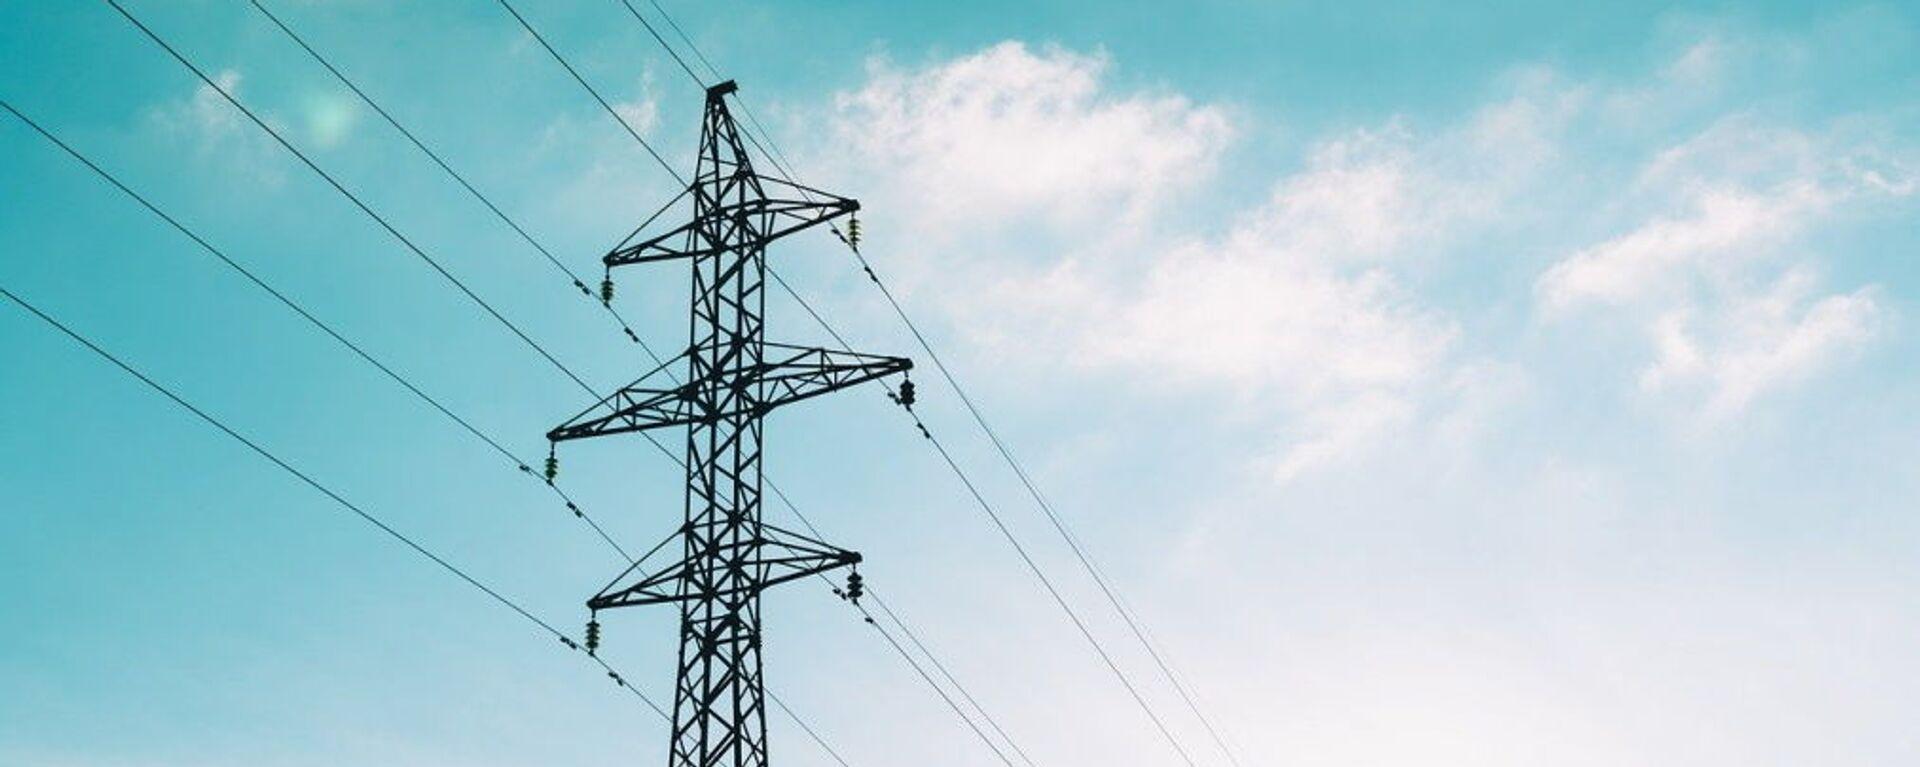 Πυλώνας ηλεκτρικού ρεύματος - Sputnik Ελλάδα, 1920, 08.10.2021